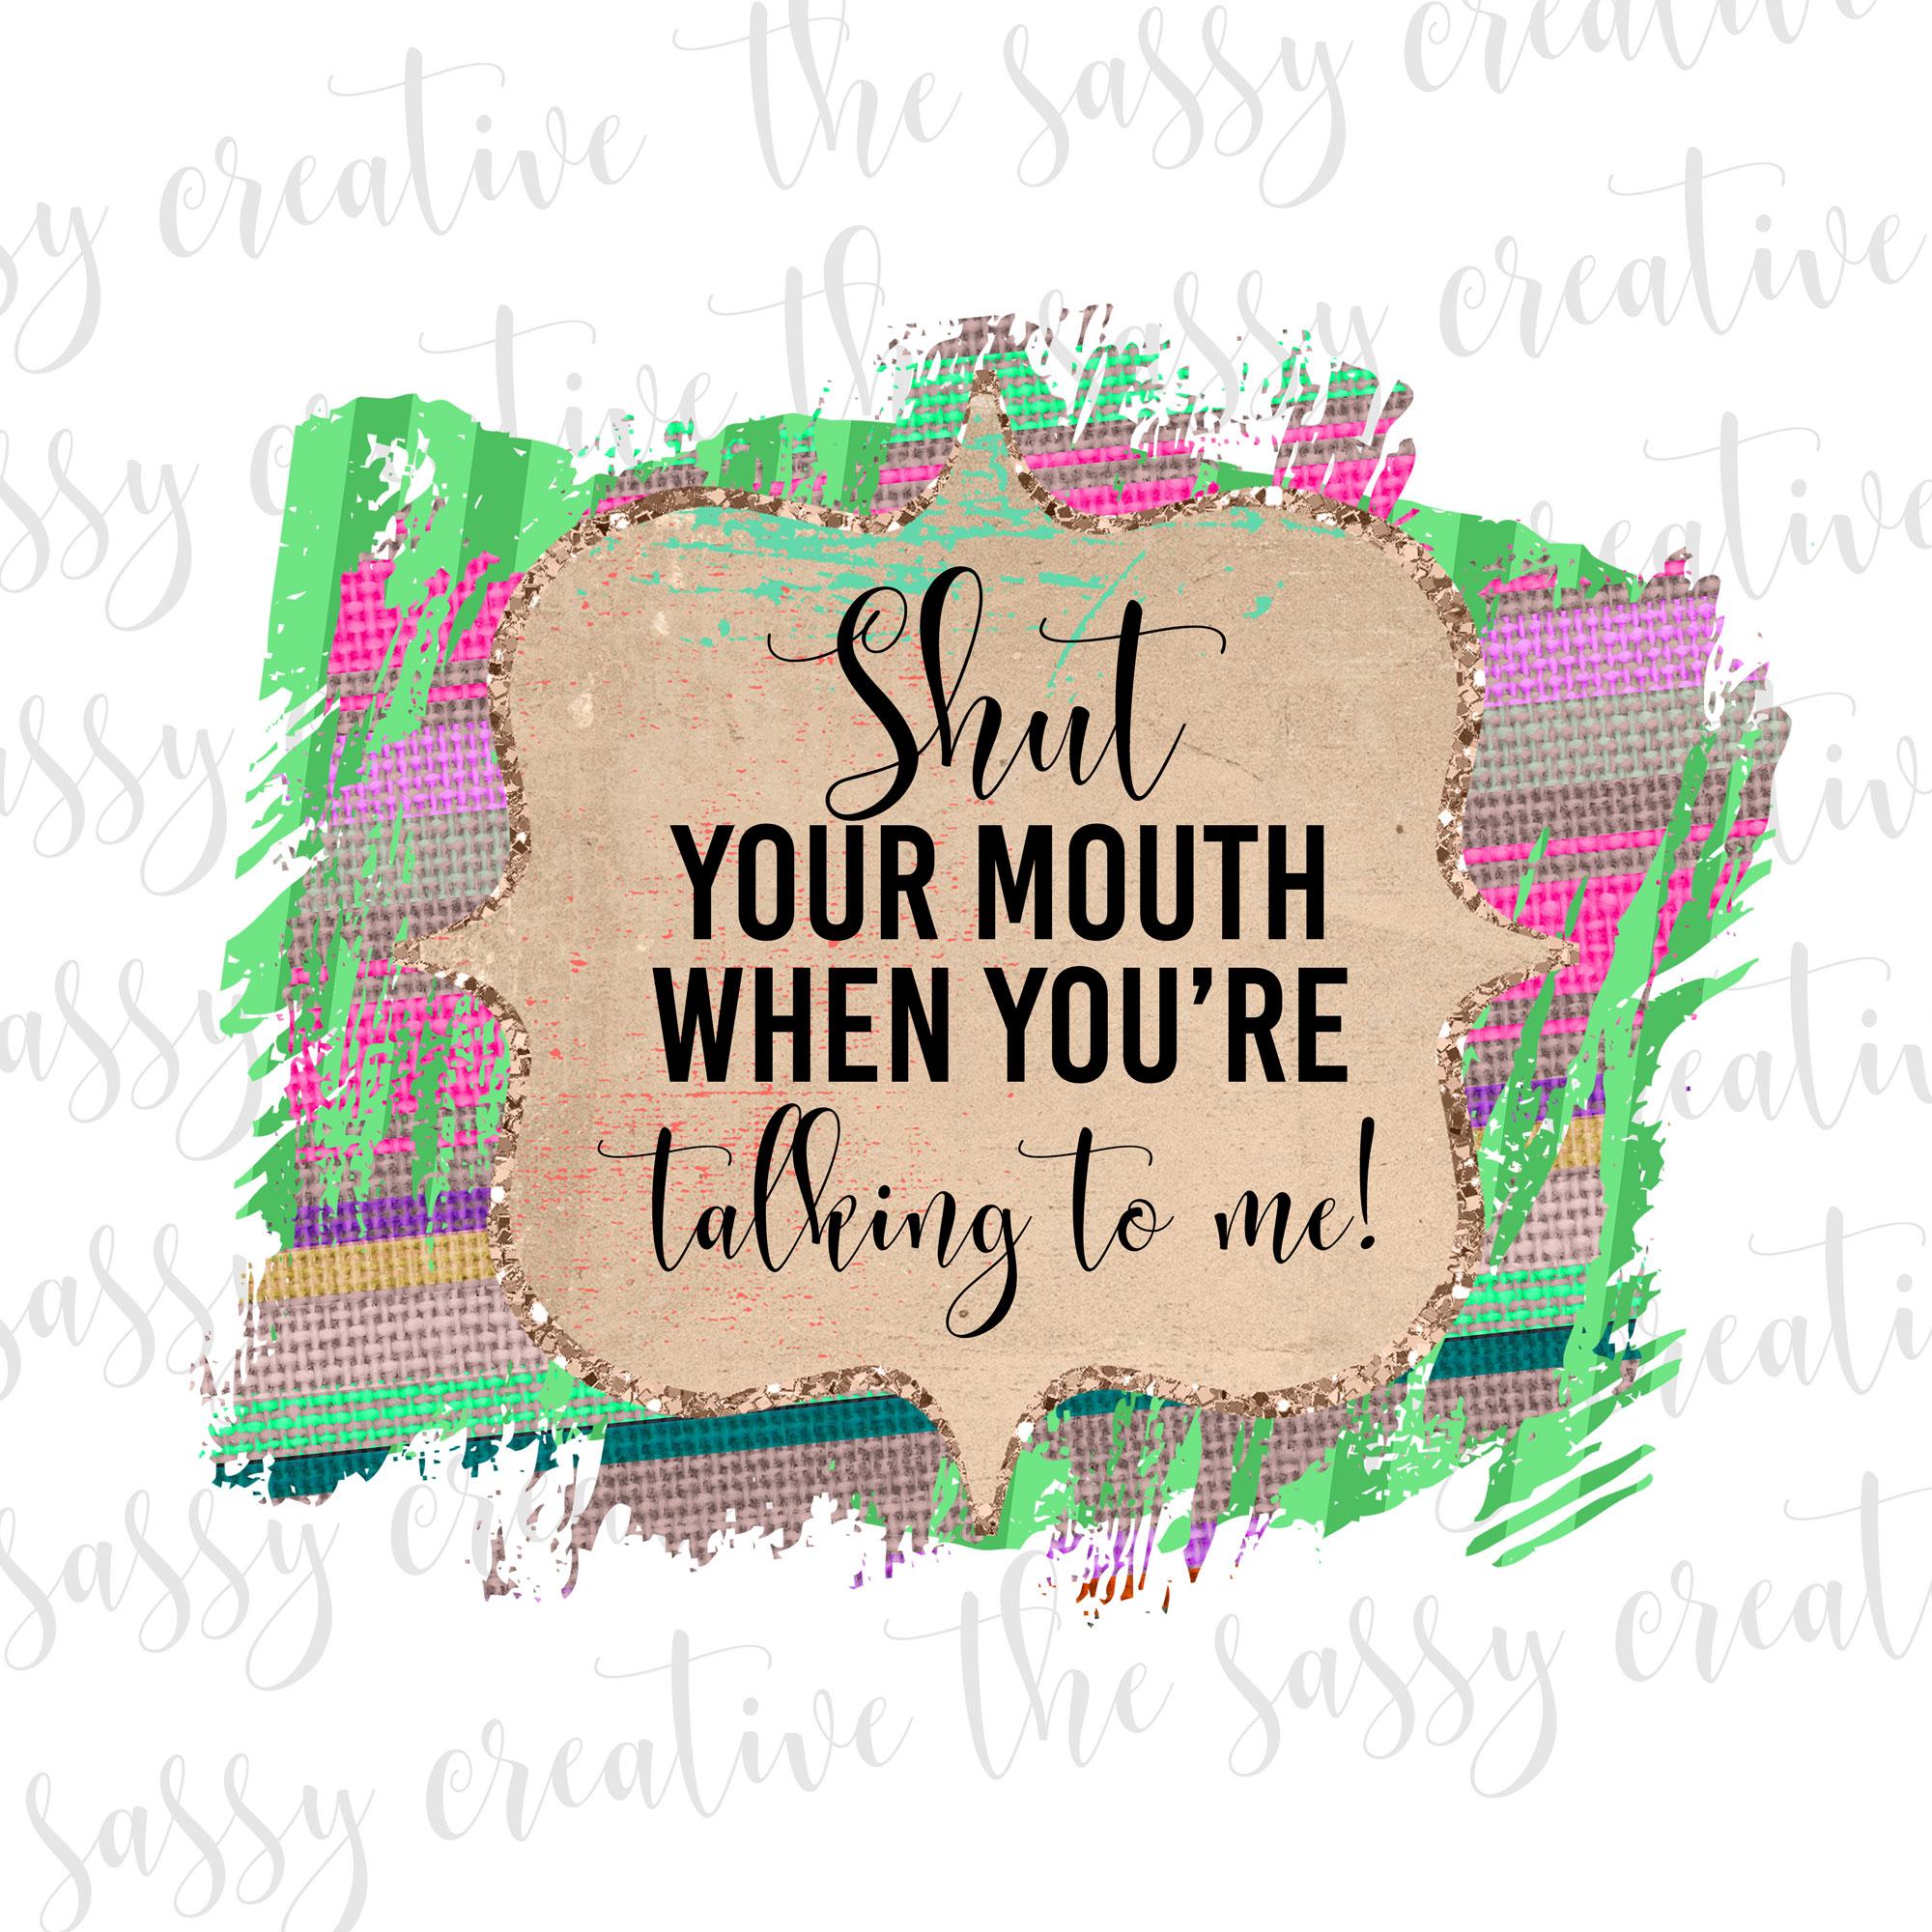 shutyourmouthcover2